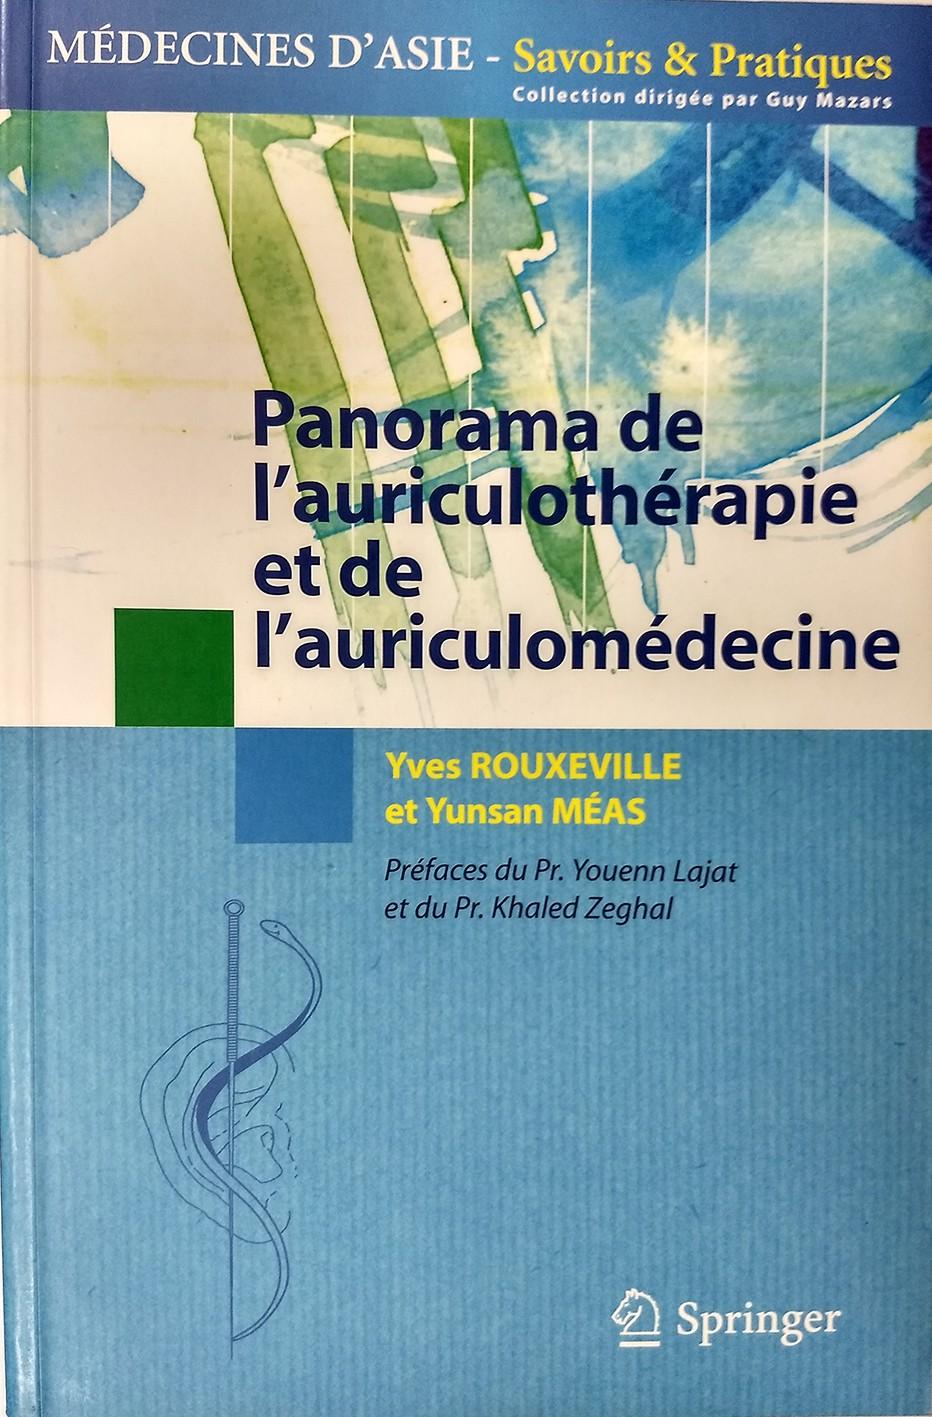 Y. MEAS/ Y. ROUXEVILLE   Panorama de l'auriculothérapie et de l'auriculomédecine   385p  Edit. SPRIN-LIYMYR02-FR